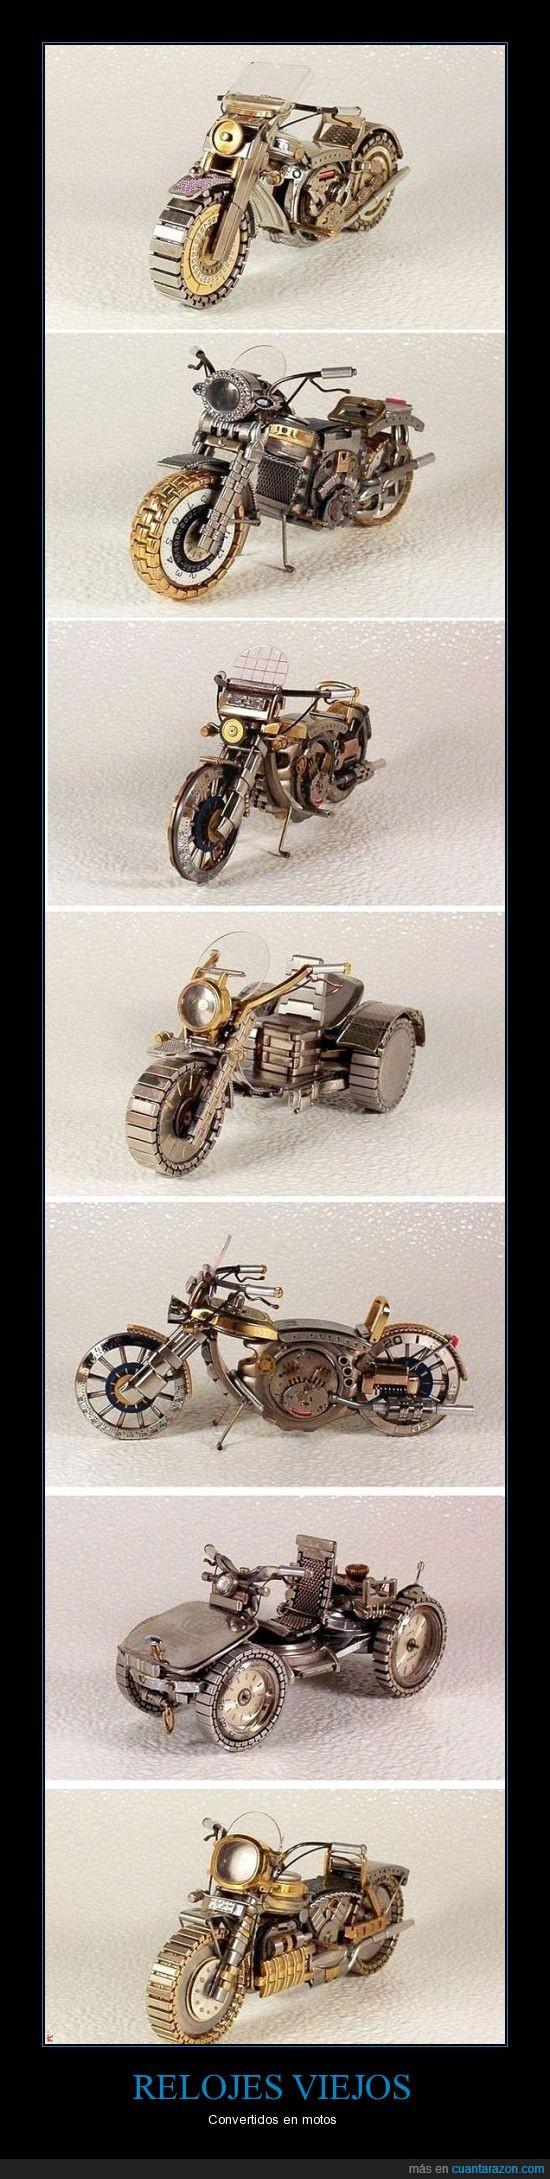 bonita,moto,reloj,viejo